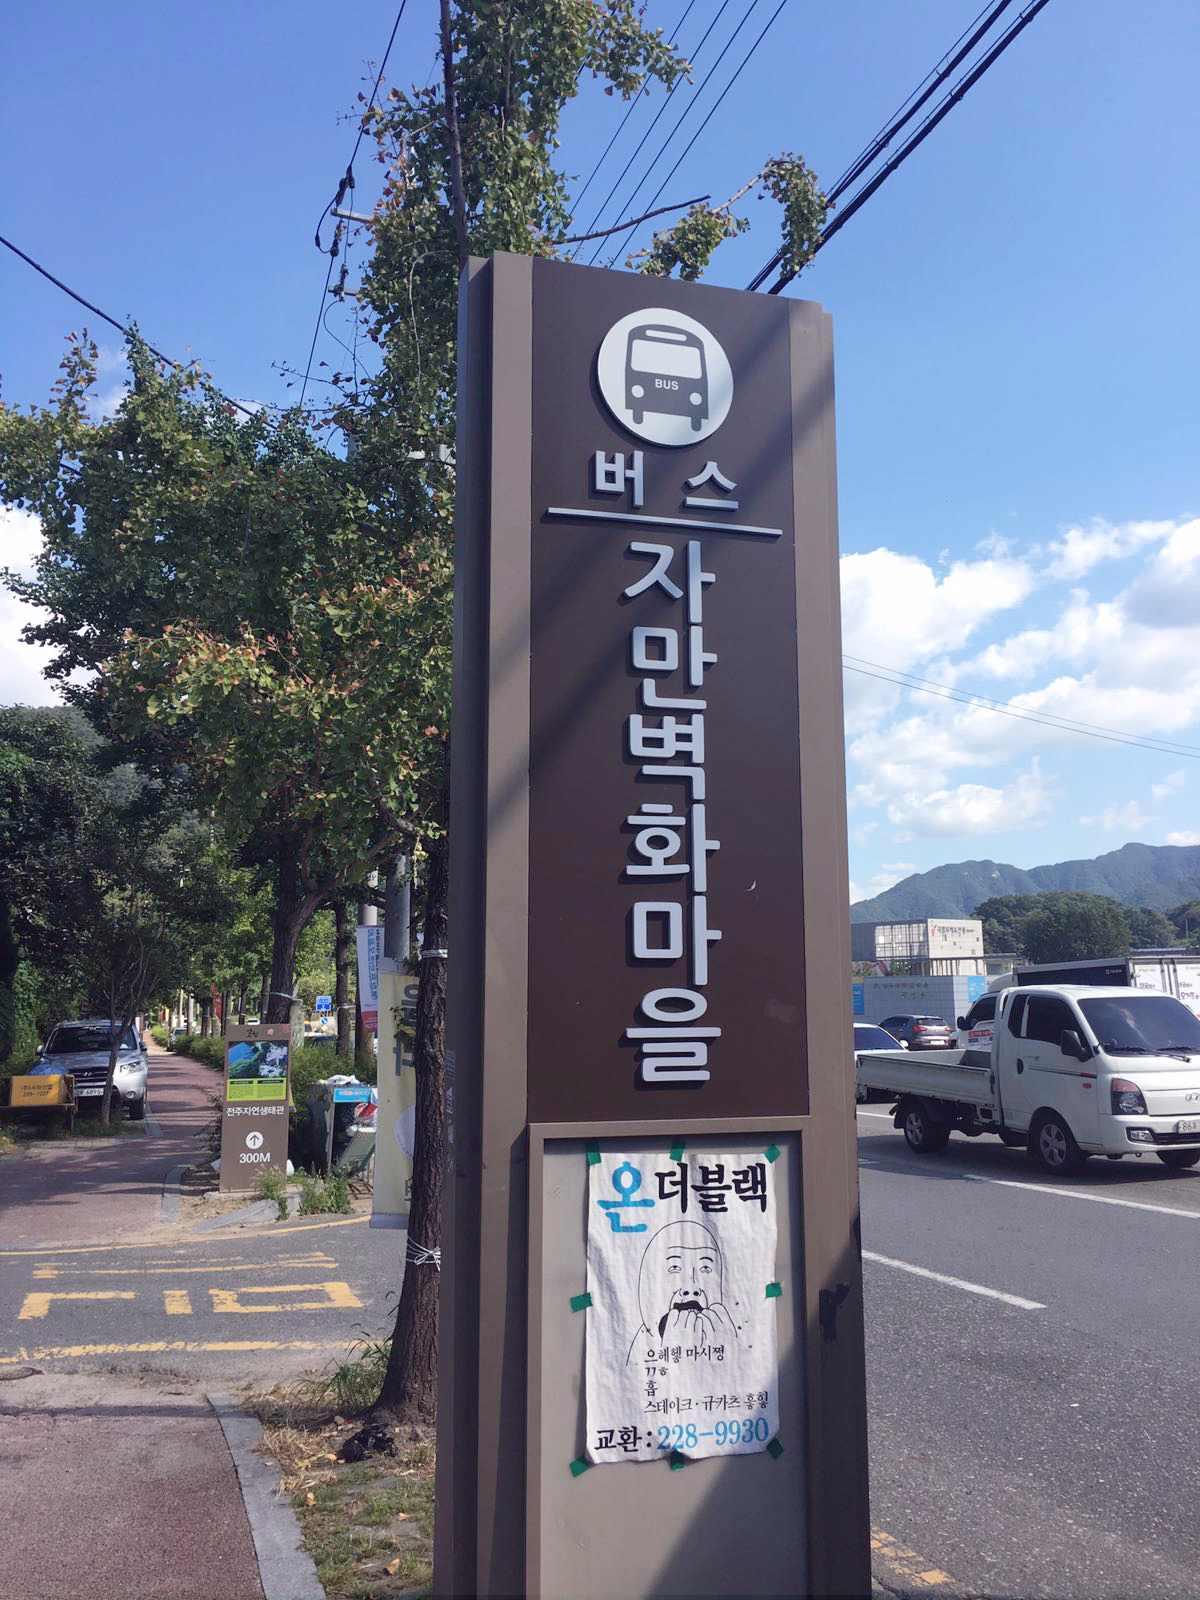 """但其實在韓屋村附近,還有一個""""滋滿壁畫村""""。在韓國市區邊緣,比較貧窮的人所居住的地方通常被成為""""月村子"""",""""滋滿壁畫村""""就是這樣的一個月村子,為了讓這個地方增添生氣,村長找來了一班年輕人為村內房子畫上壁畫,而有些咖啡廳也選址這裏,讓這個地方變得多彩"""